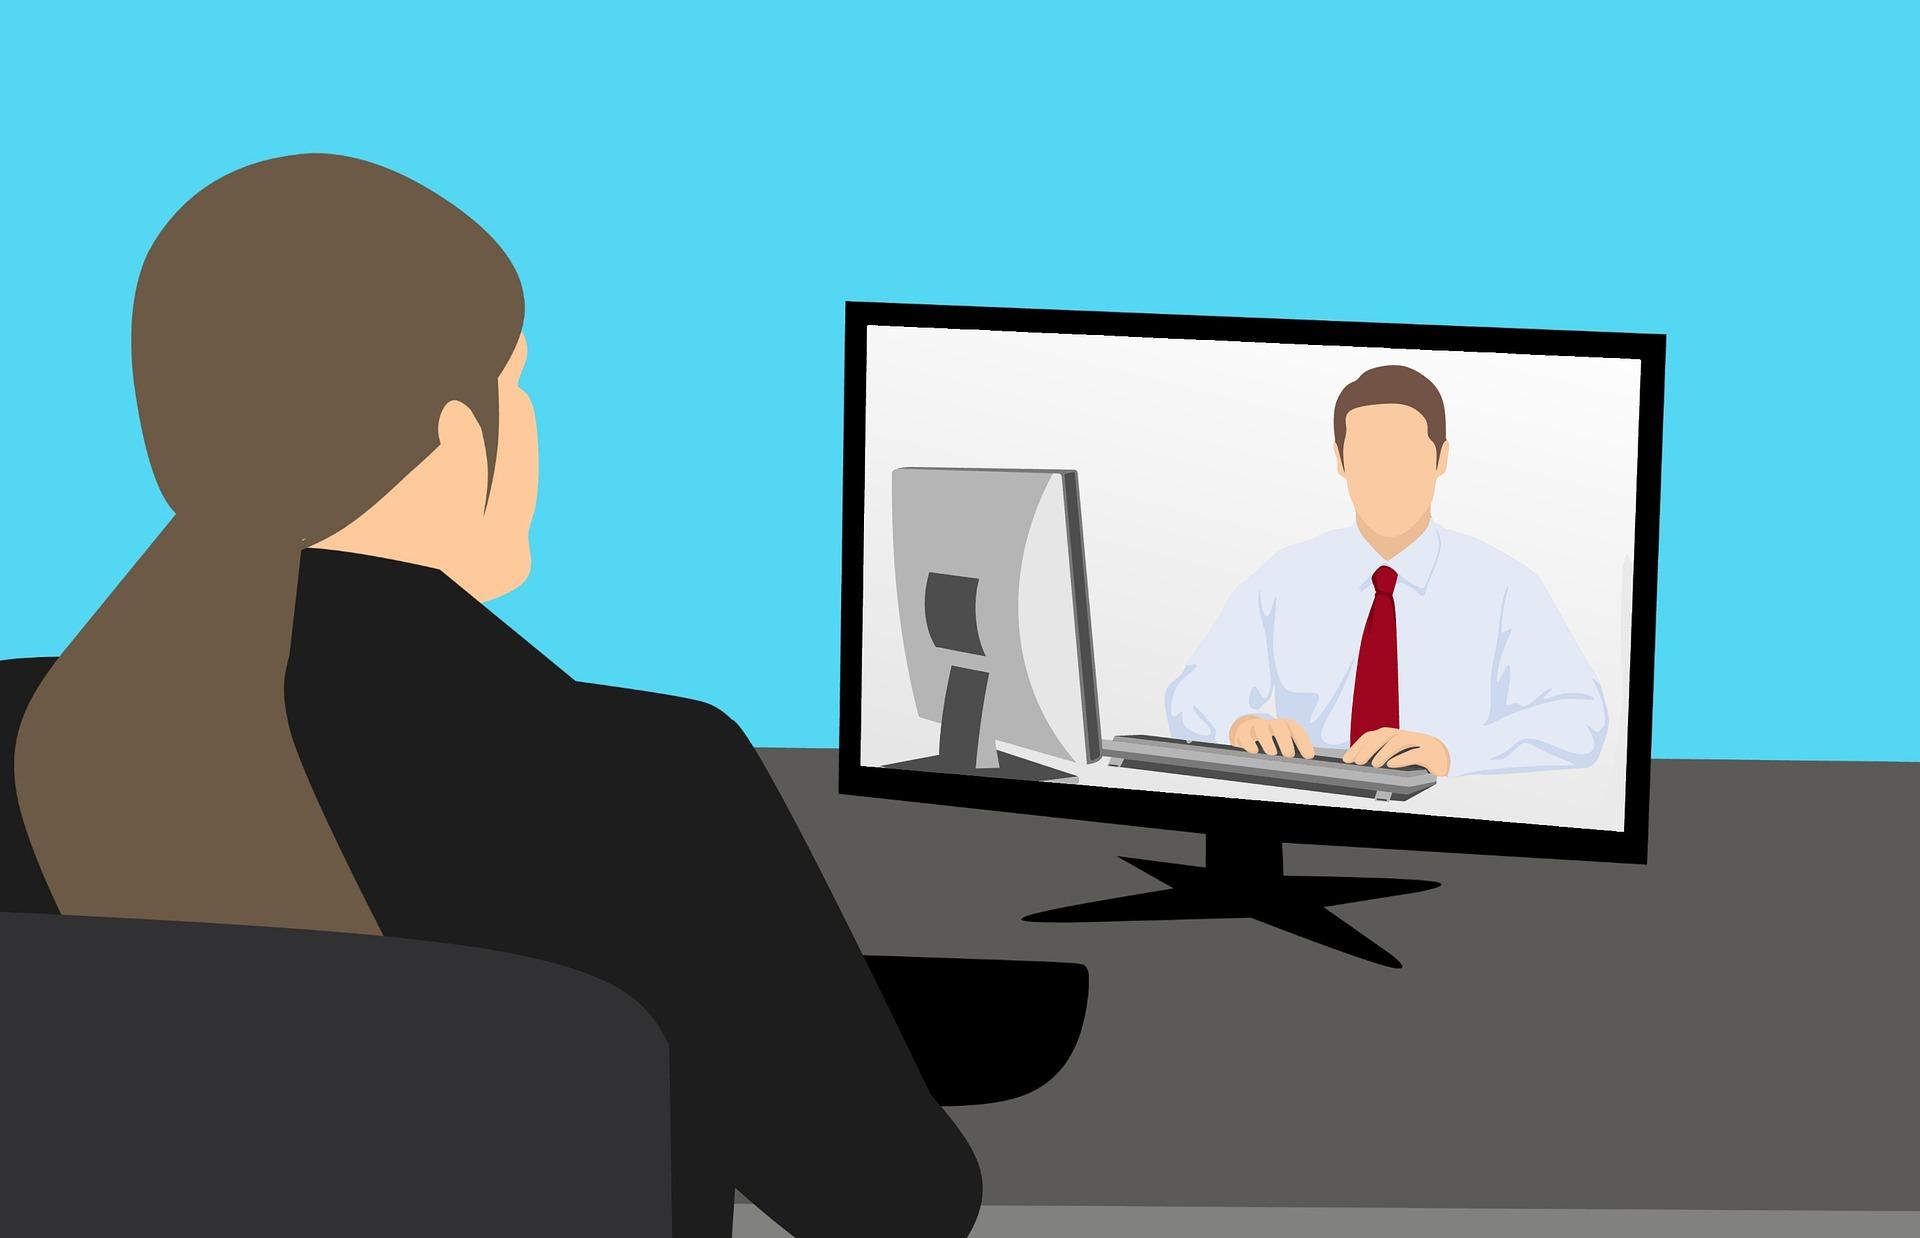 Digitale notariële akte vooralsnog alleen voor digitale oprichting bv - Mr. online